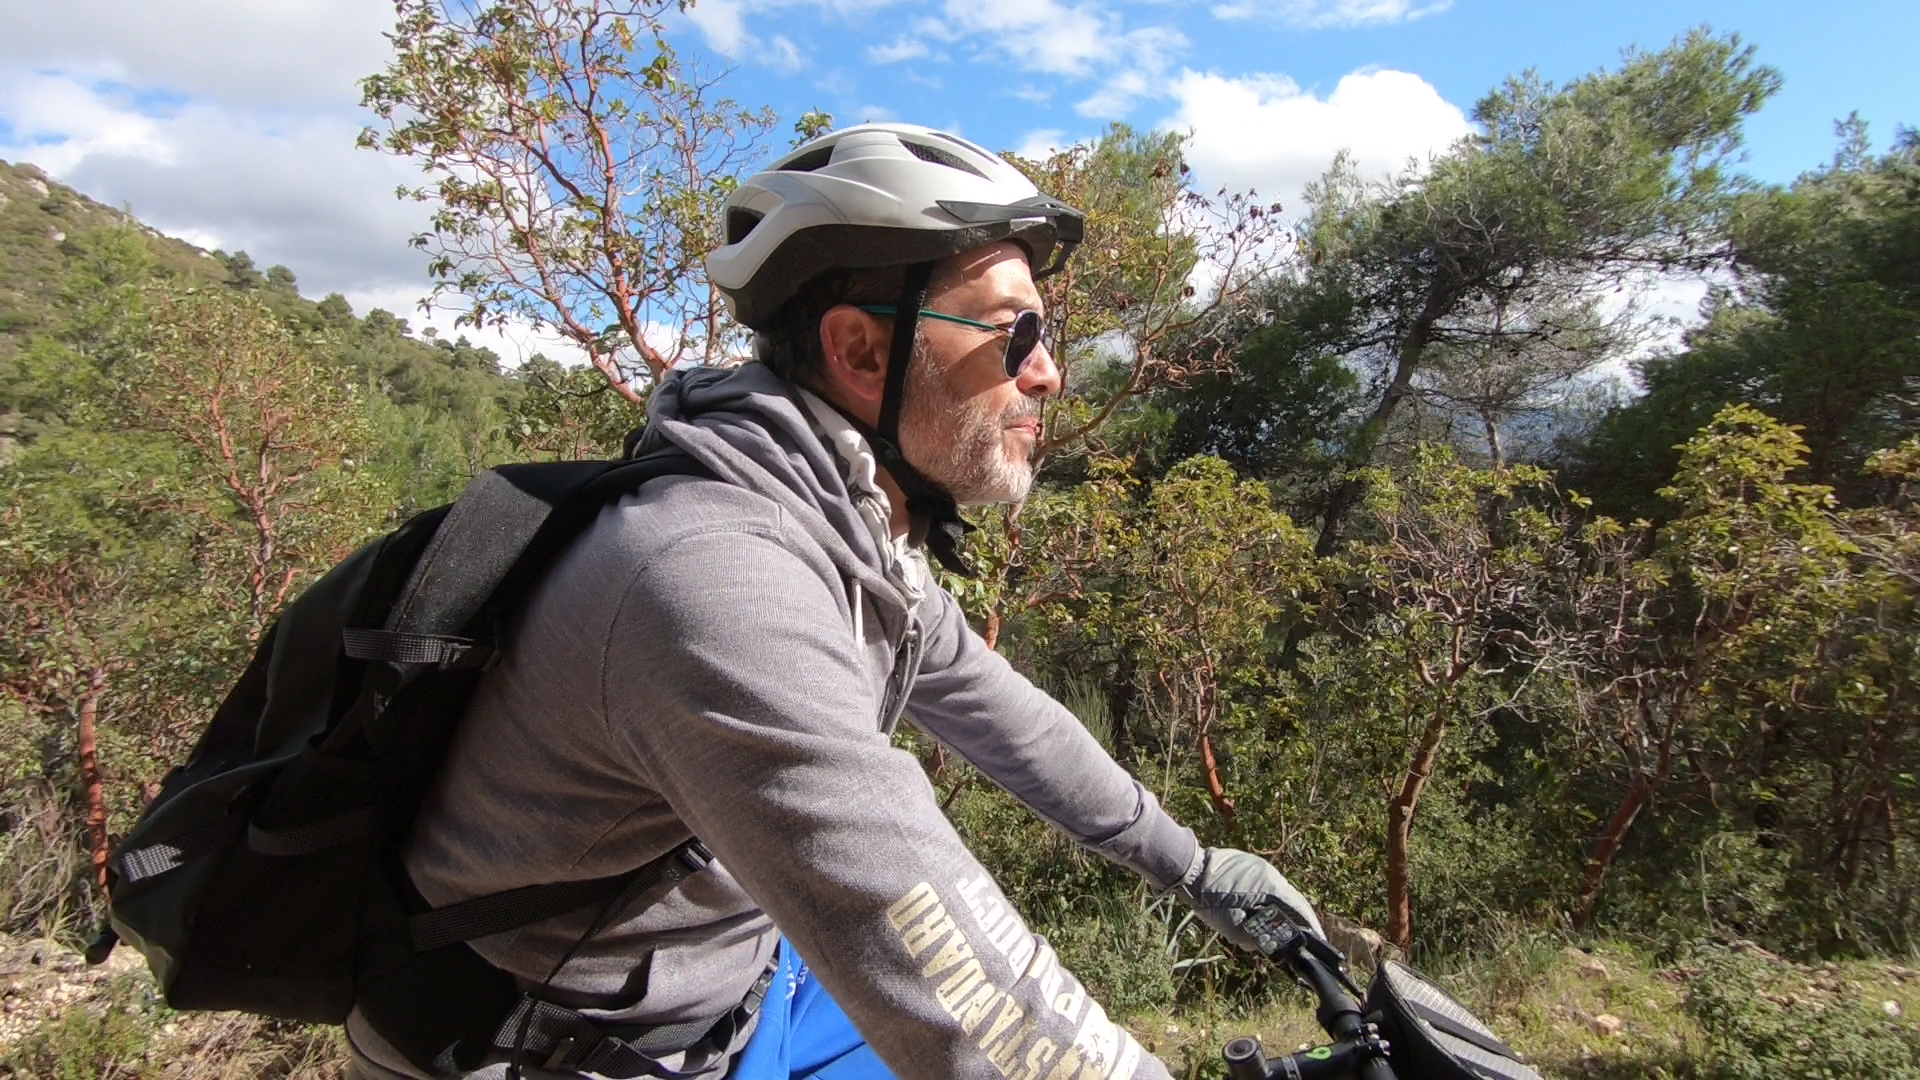 ΠΑΡΝΗΘΑ - «Ποδηλασία βουνού στην Πάρνηθα» (3)